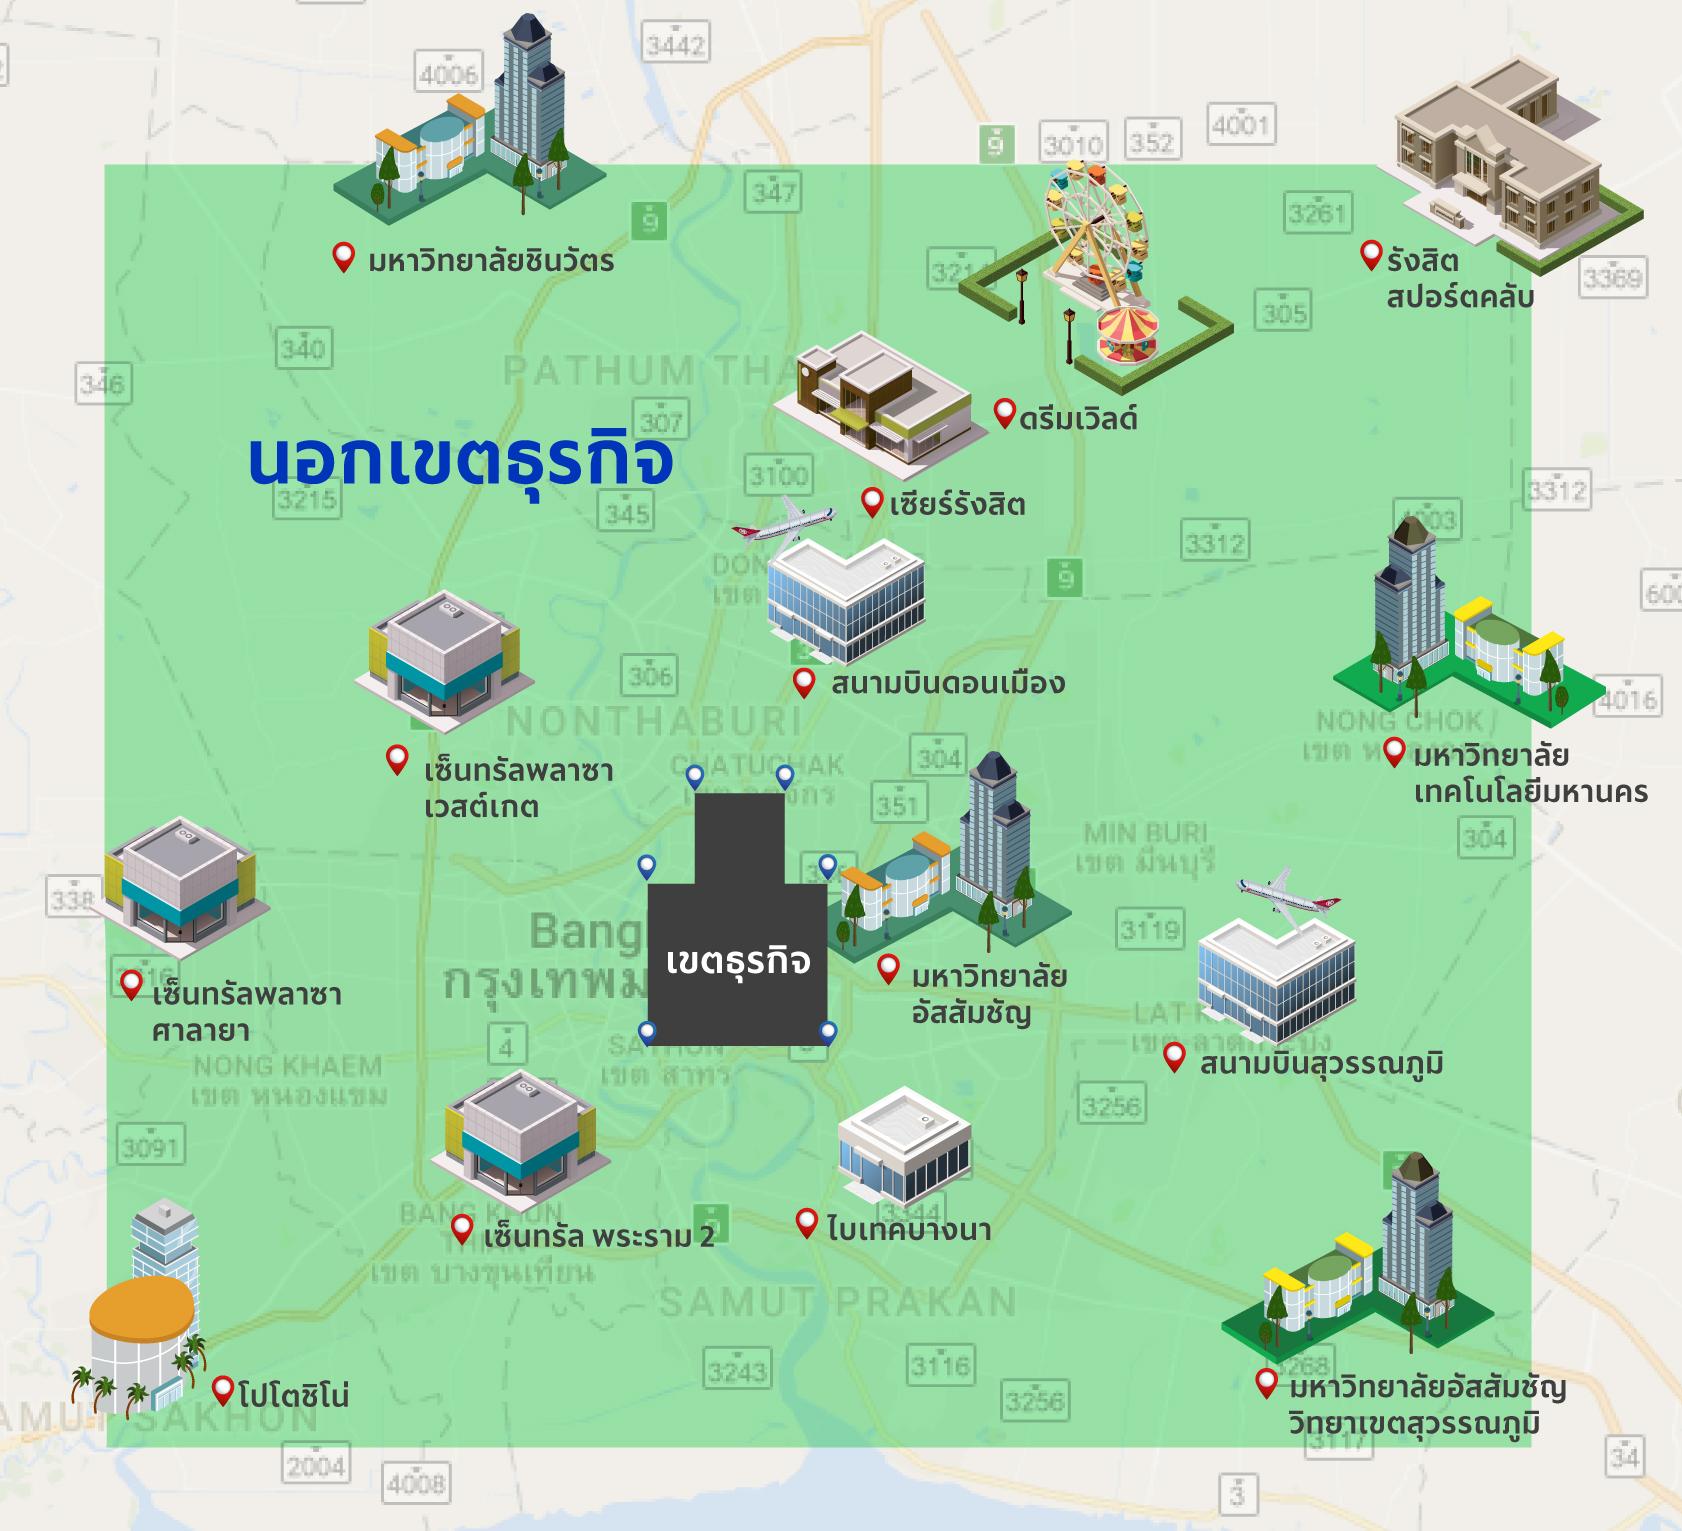 Bangkok Non-CBD area